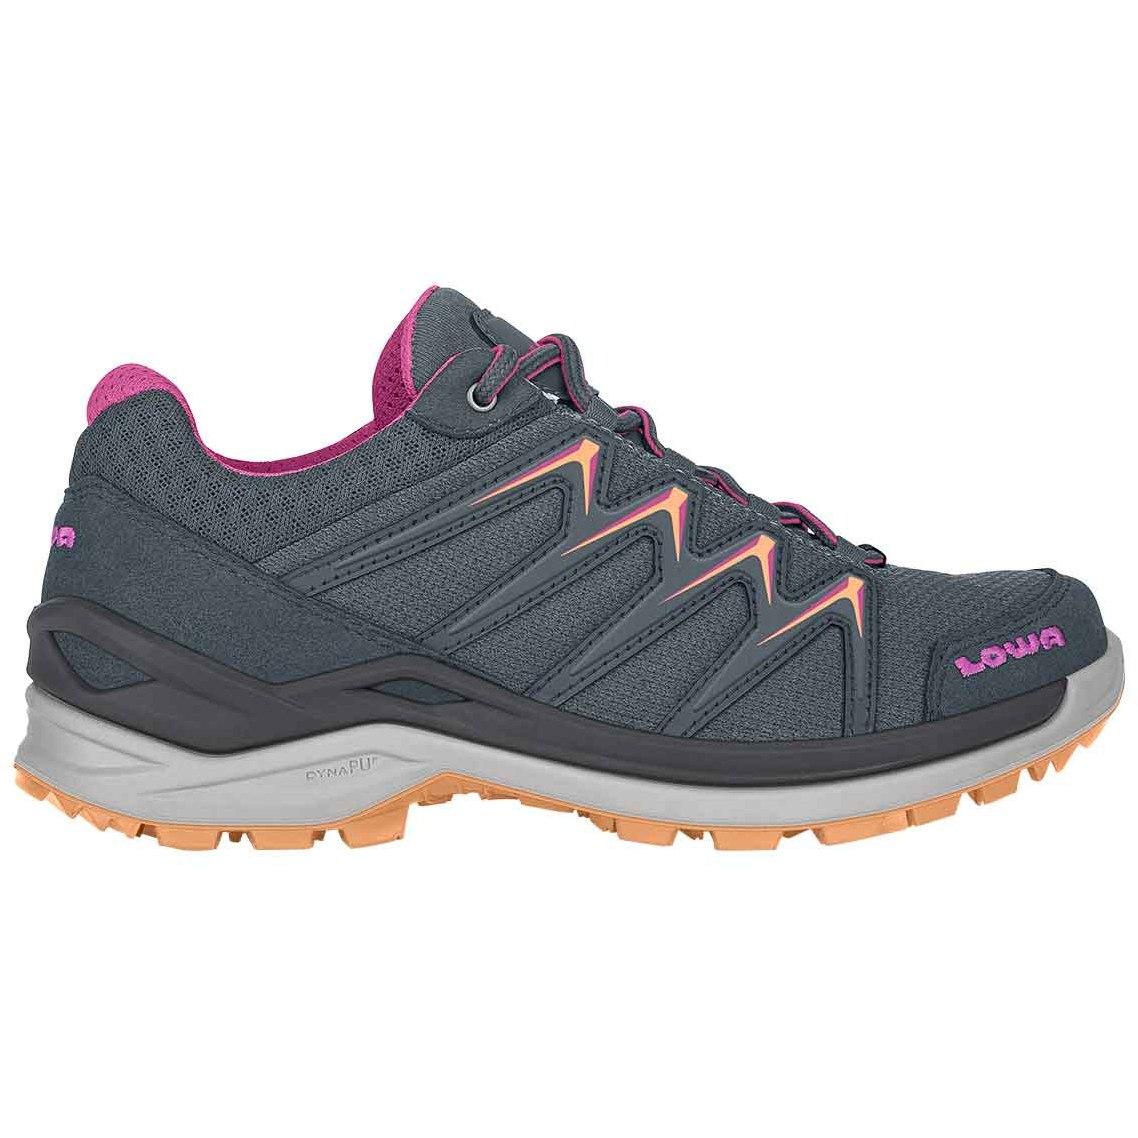 LOWA Innox Pro Lo Ws Women's Shoe - steel blue/mandarin